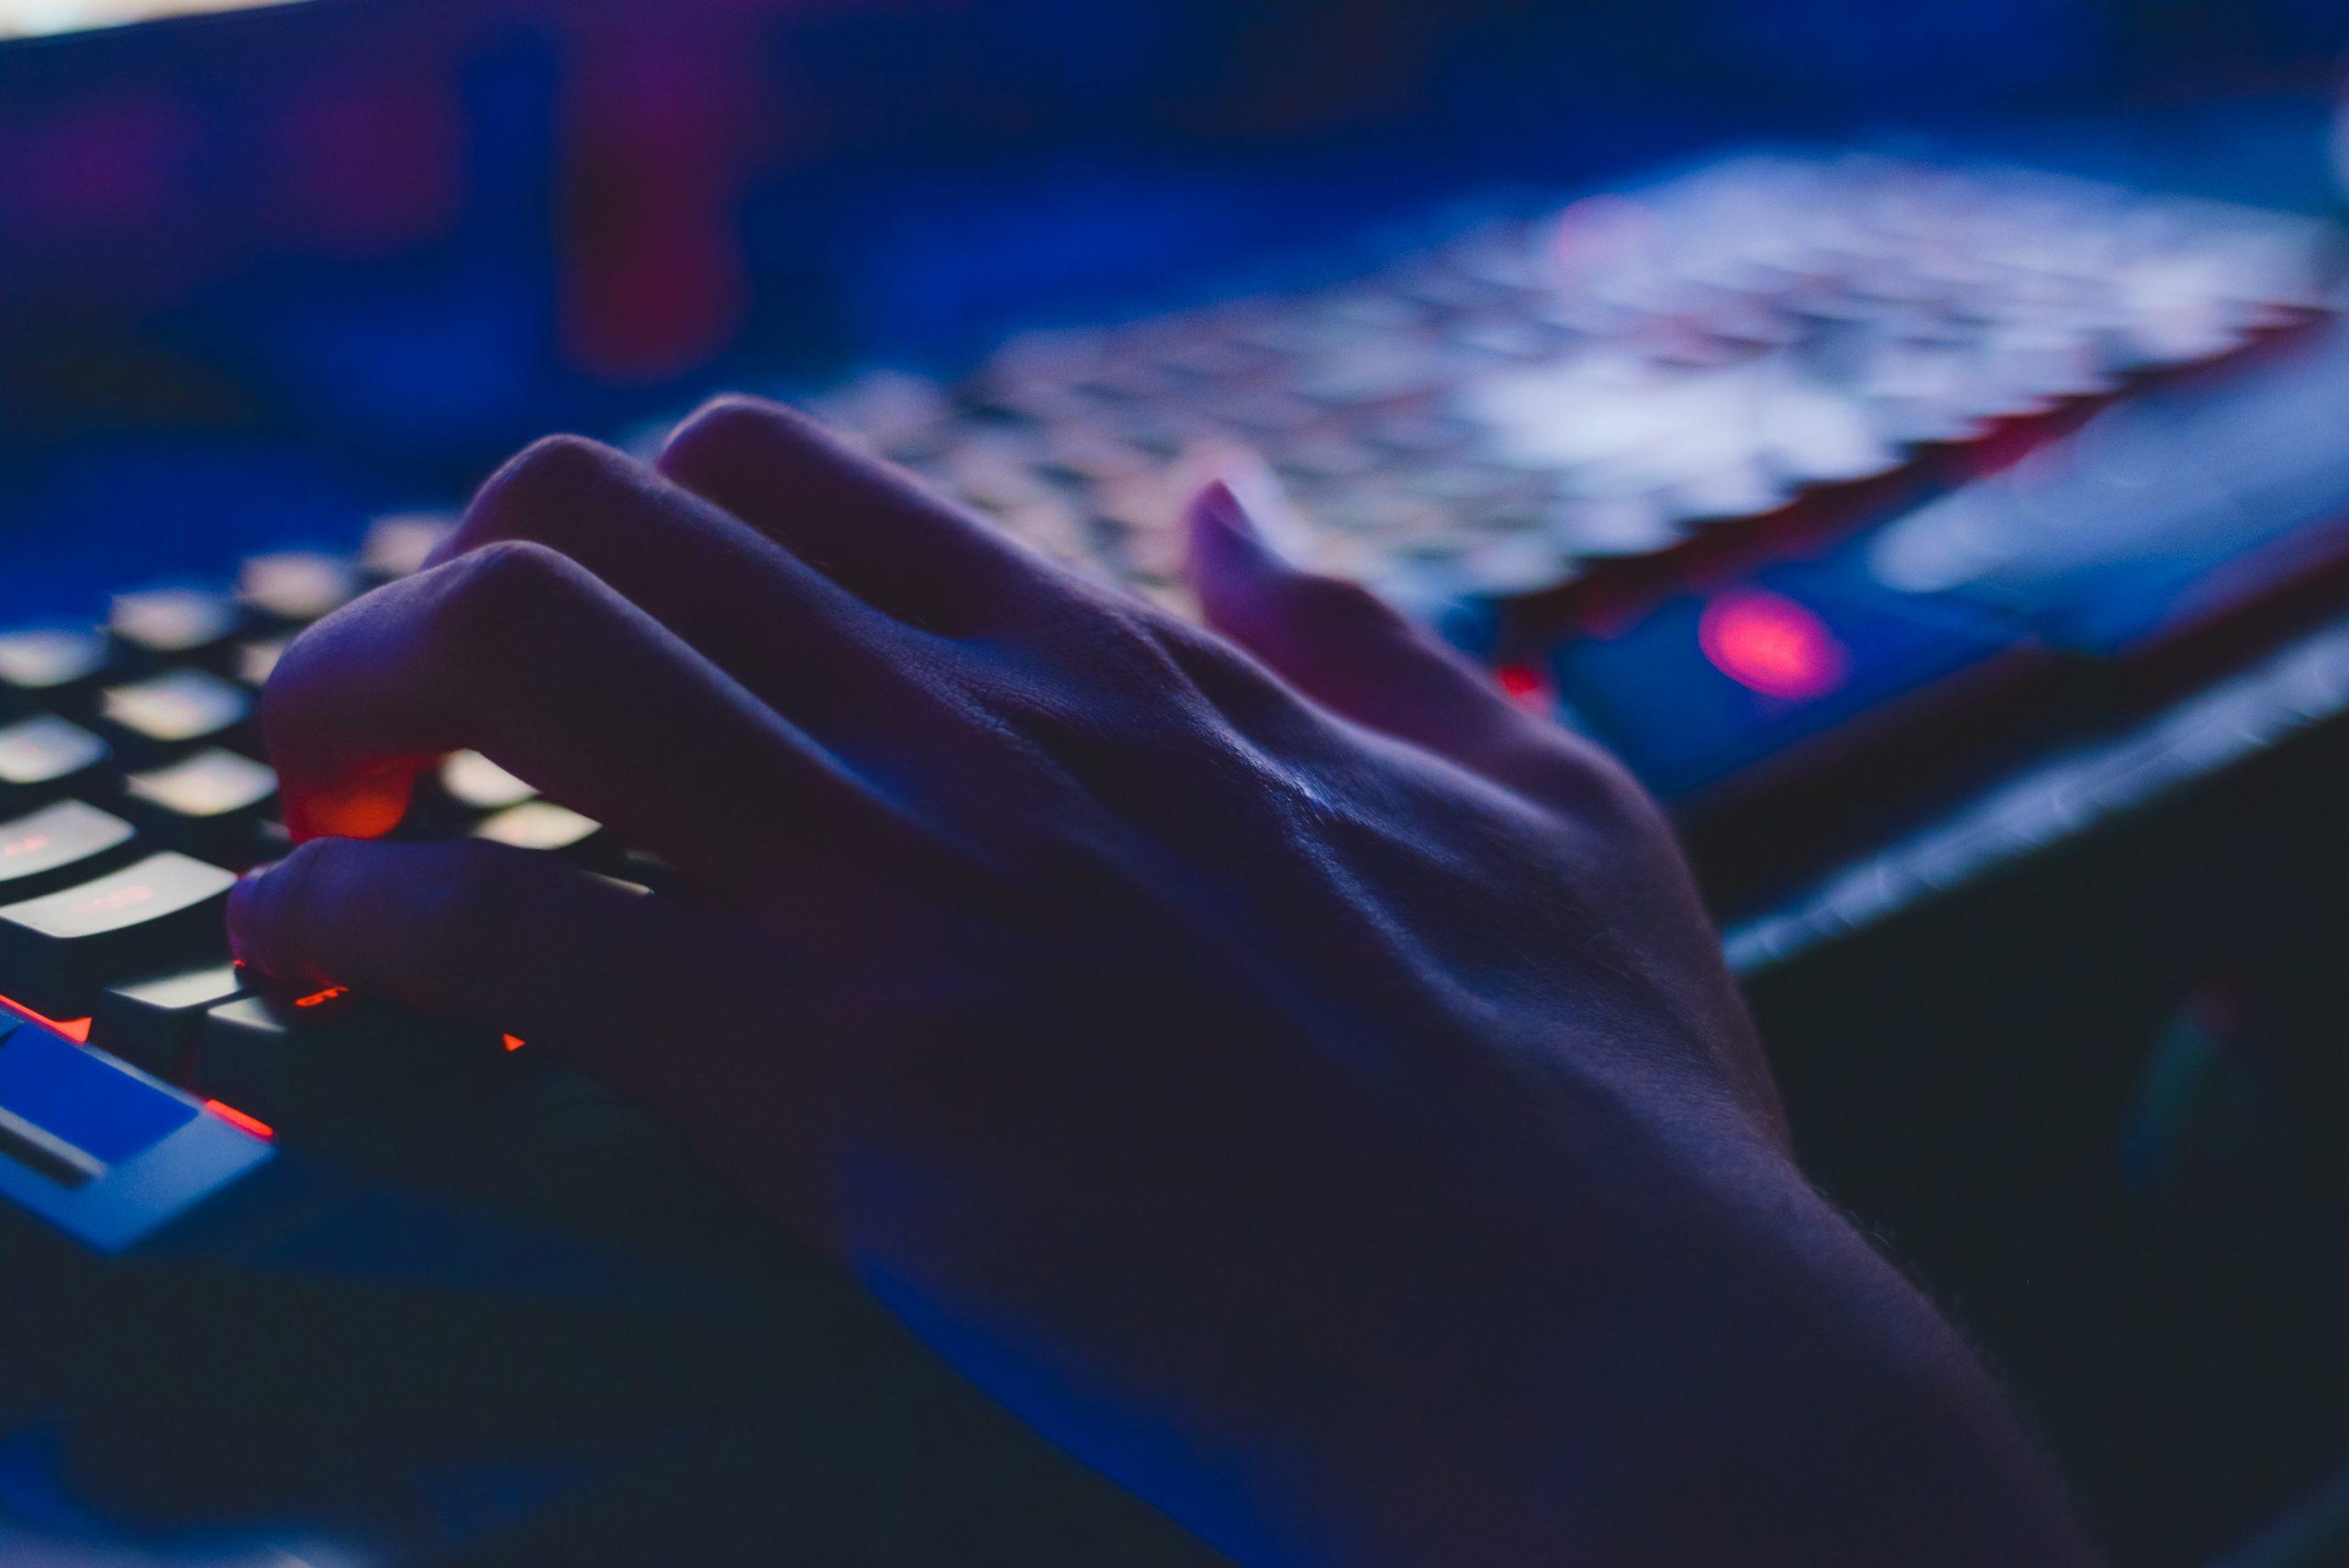 Imagem mostra um teclado gamer durante uso.